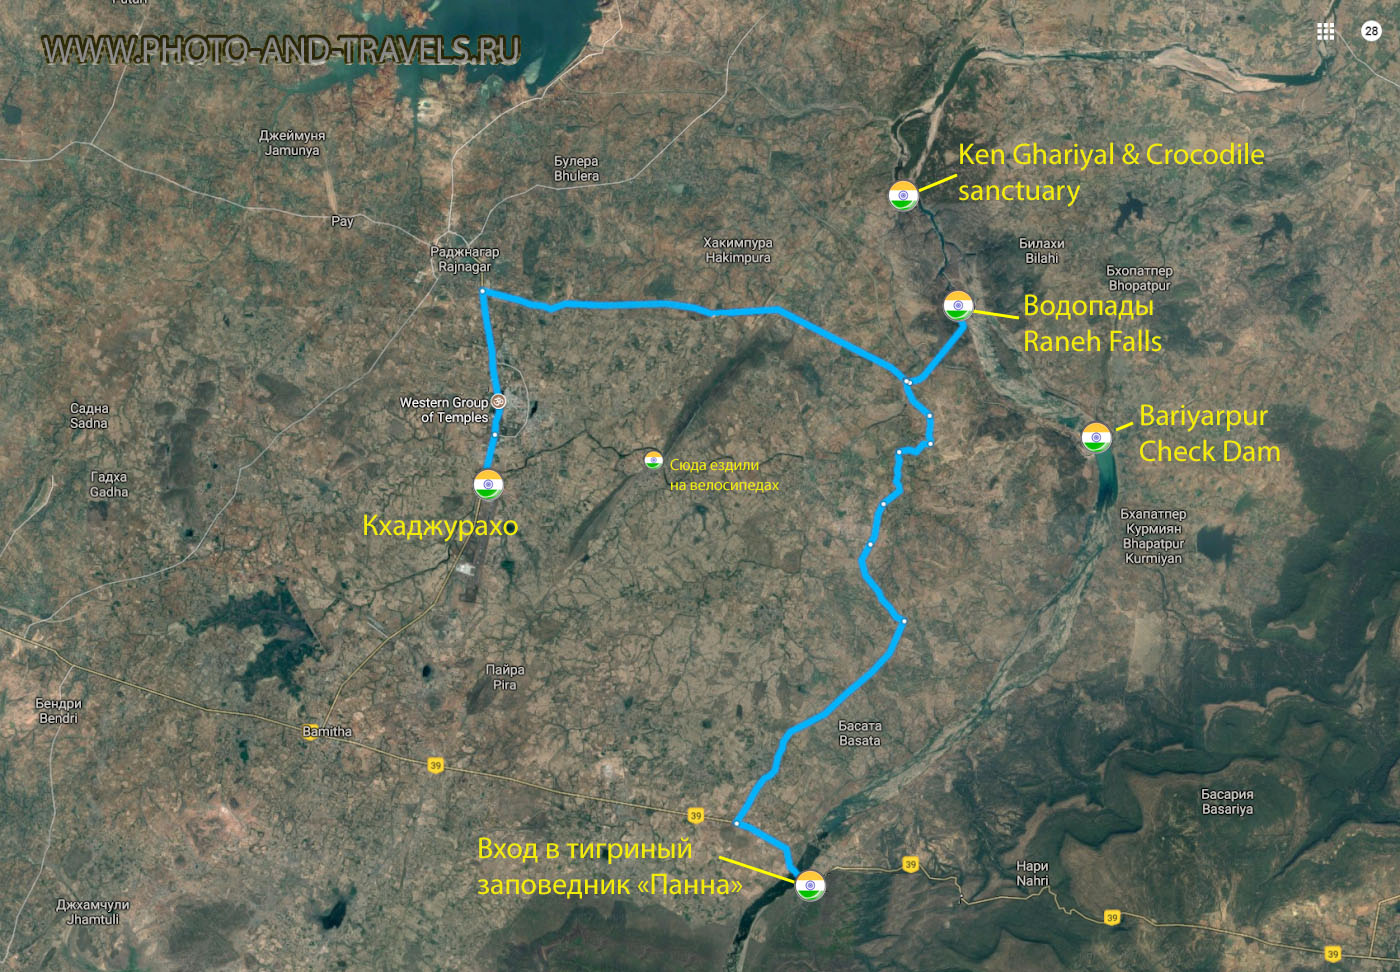 Карта со схемой расположения достопримечательностей вокруг деревни Кхаджурахо. Тигриный заповедник «Панна», водопады Raneh Falls, заповедник крокодилов Ken Gharial Sanctuary и дамба через реку Кен.